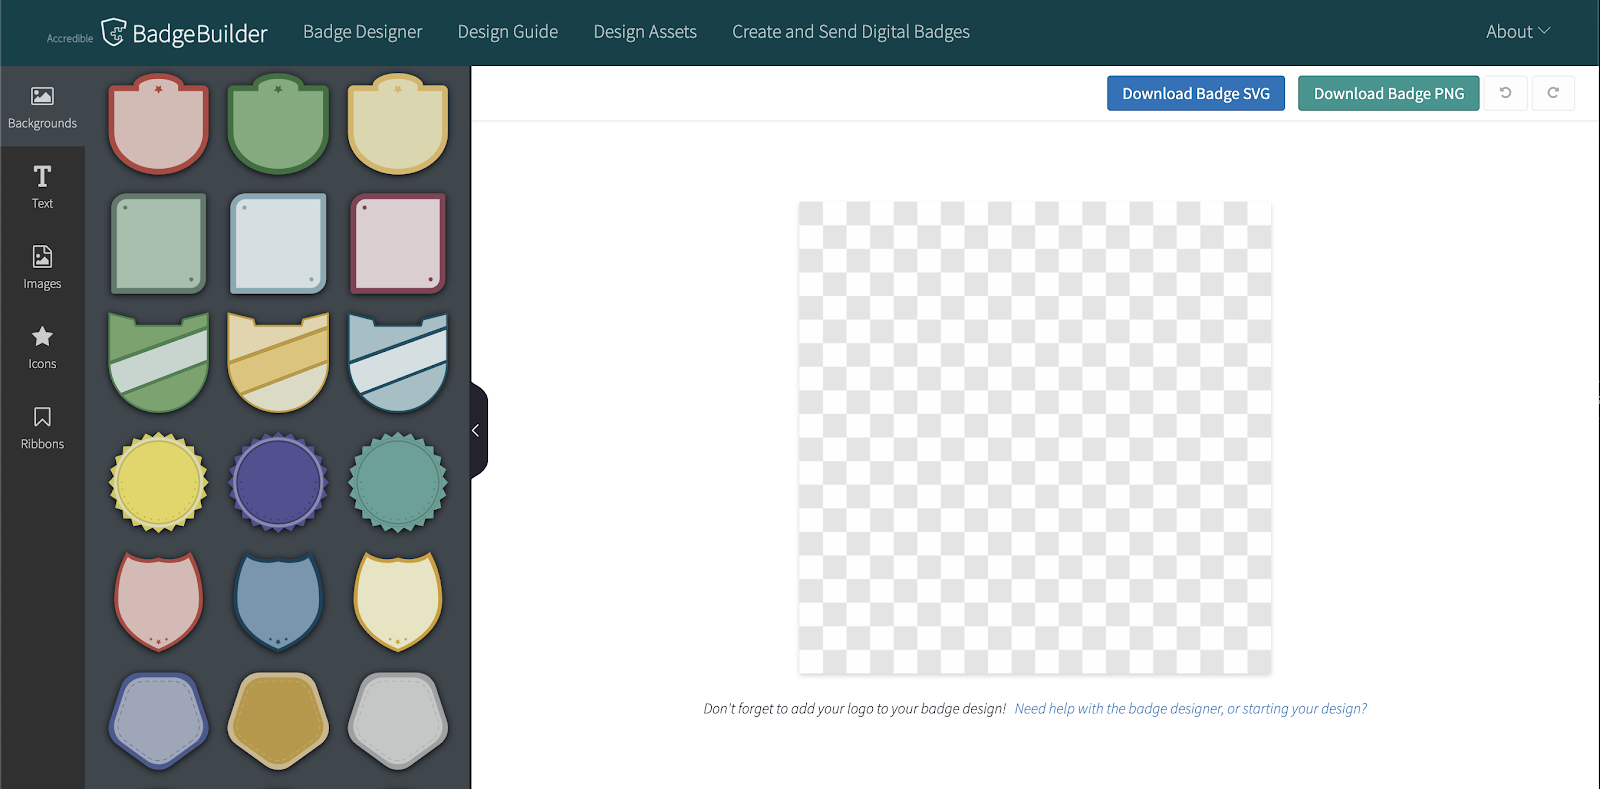 Screenshot of Accredible's website badge builder